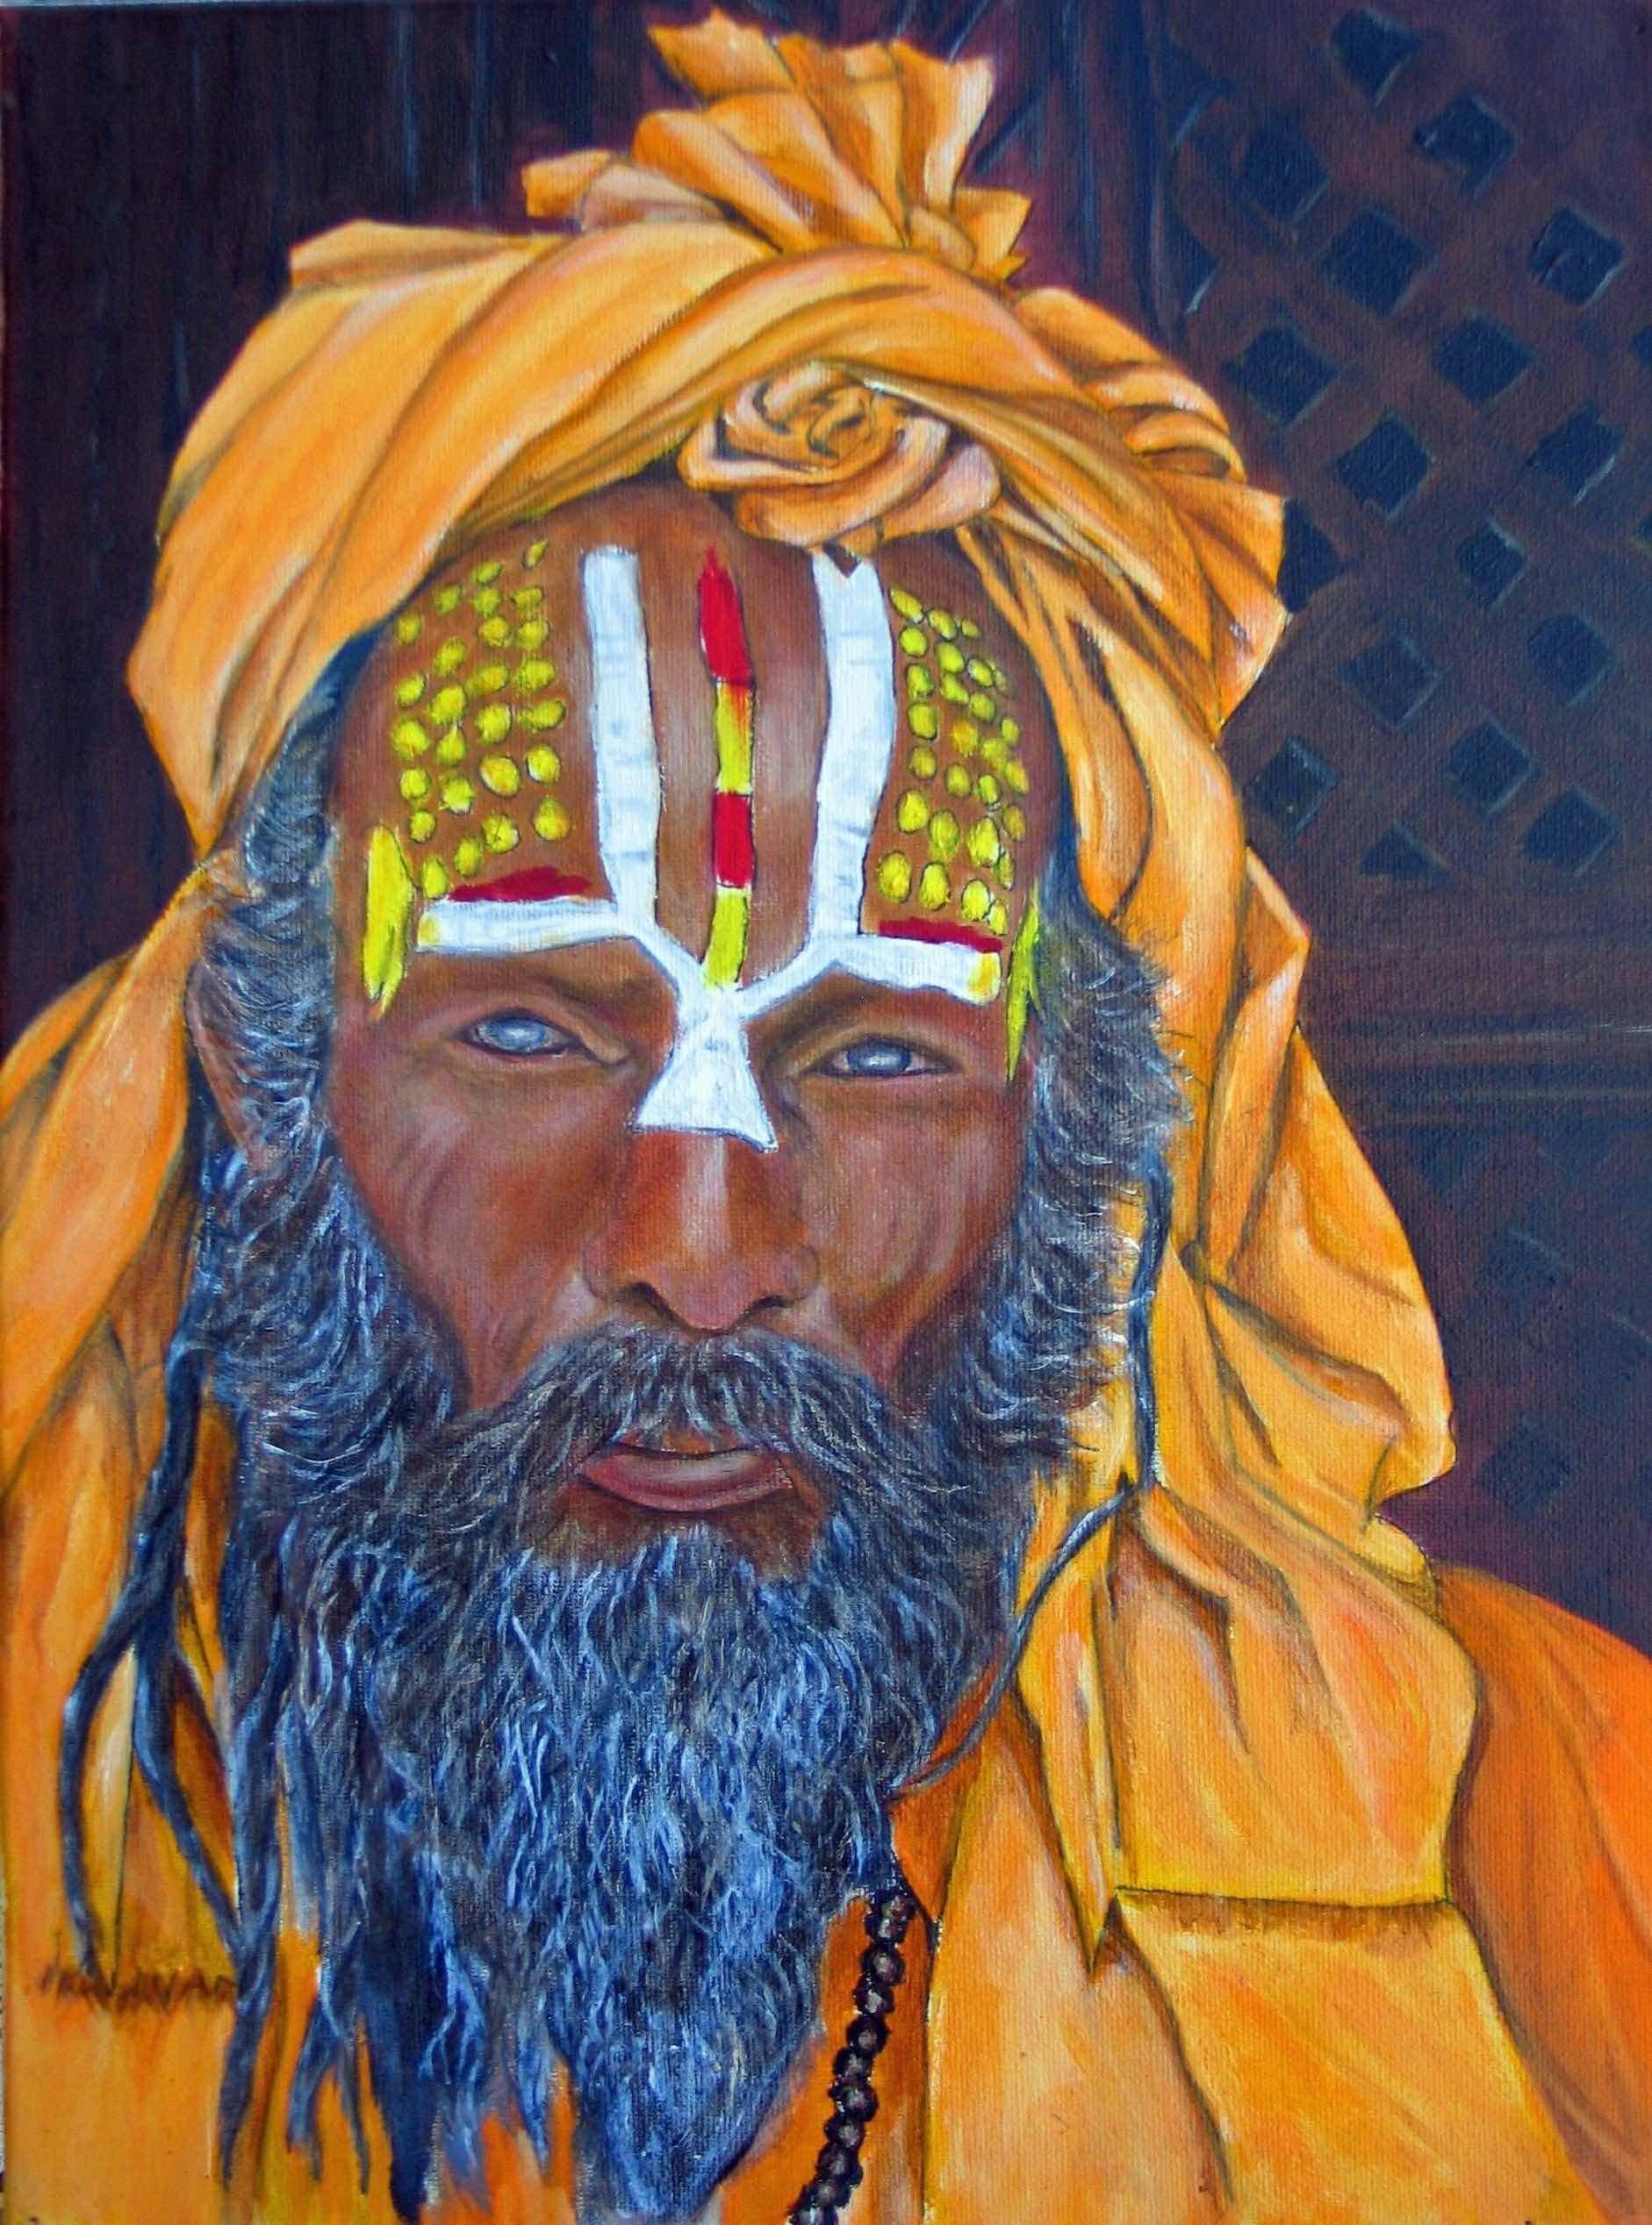 Hindu Fakir, Kathmandu (I)